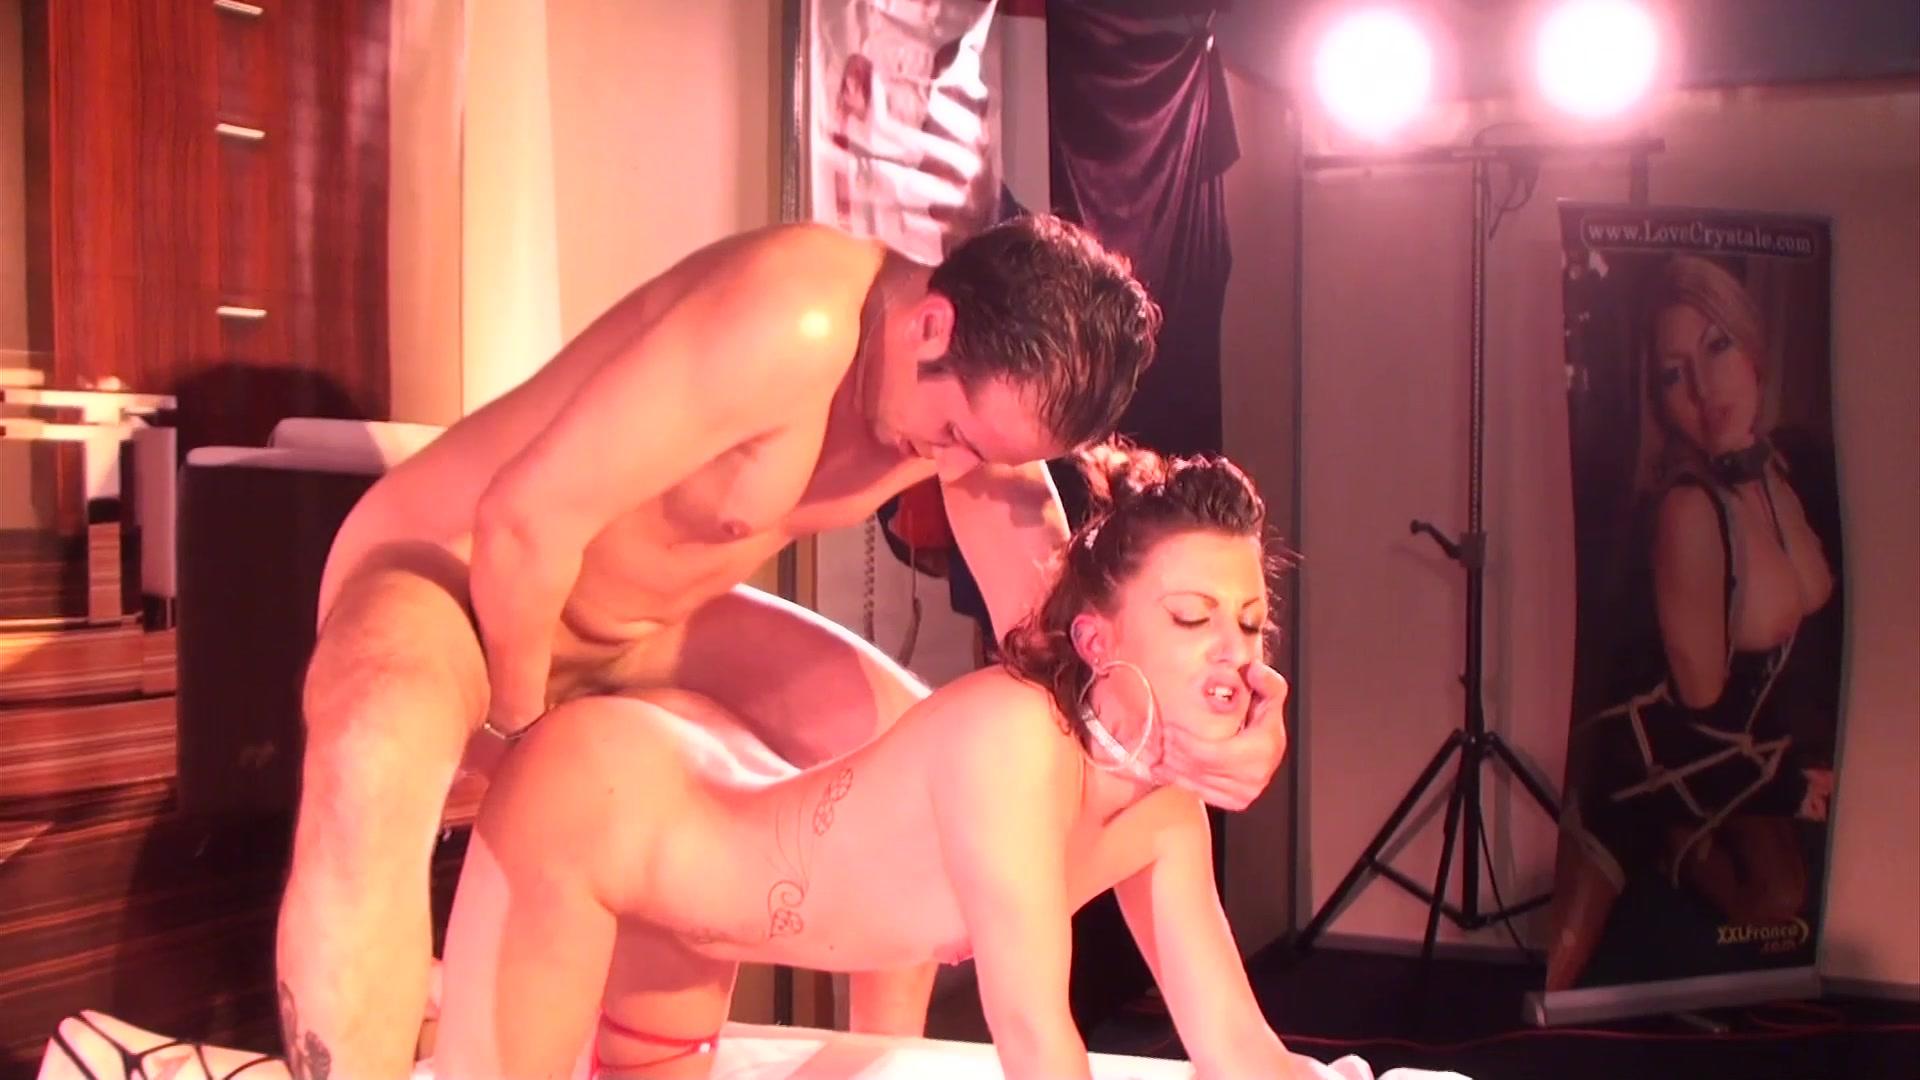 amateurvideo outdoor public porn freche titten oeffentlichkeit